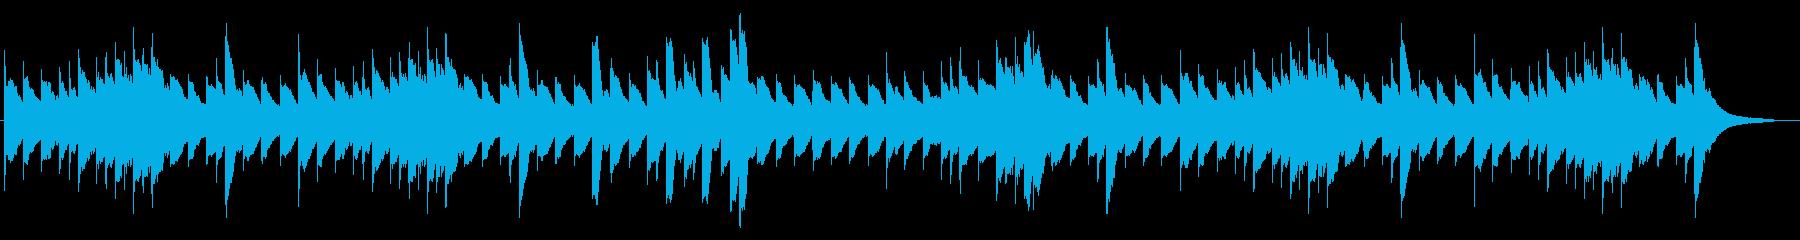 憂鬱なメロディーを奏でるオルゴールの再生済みの波形